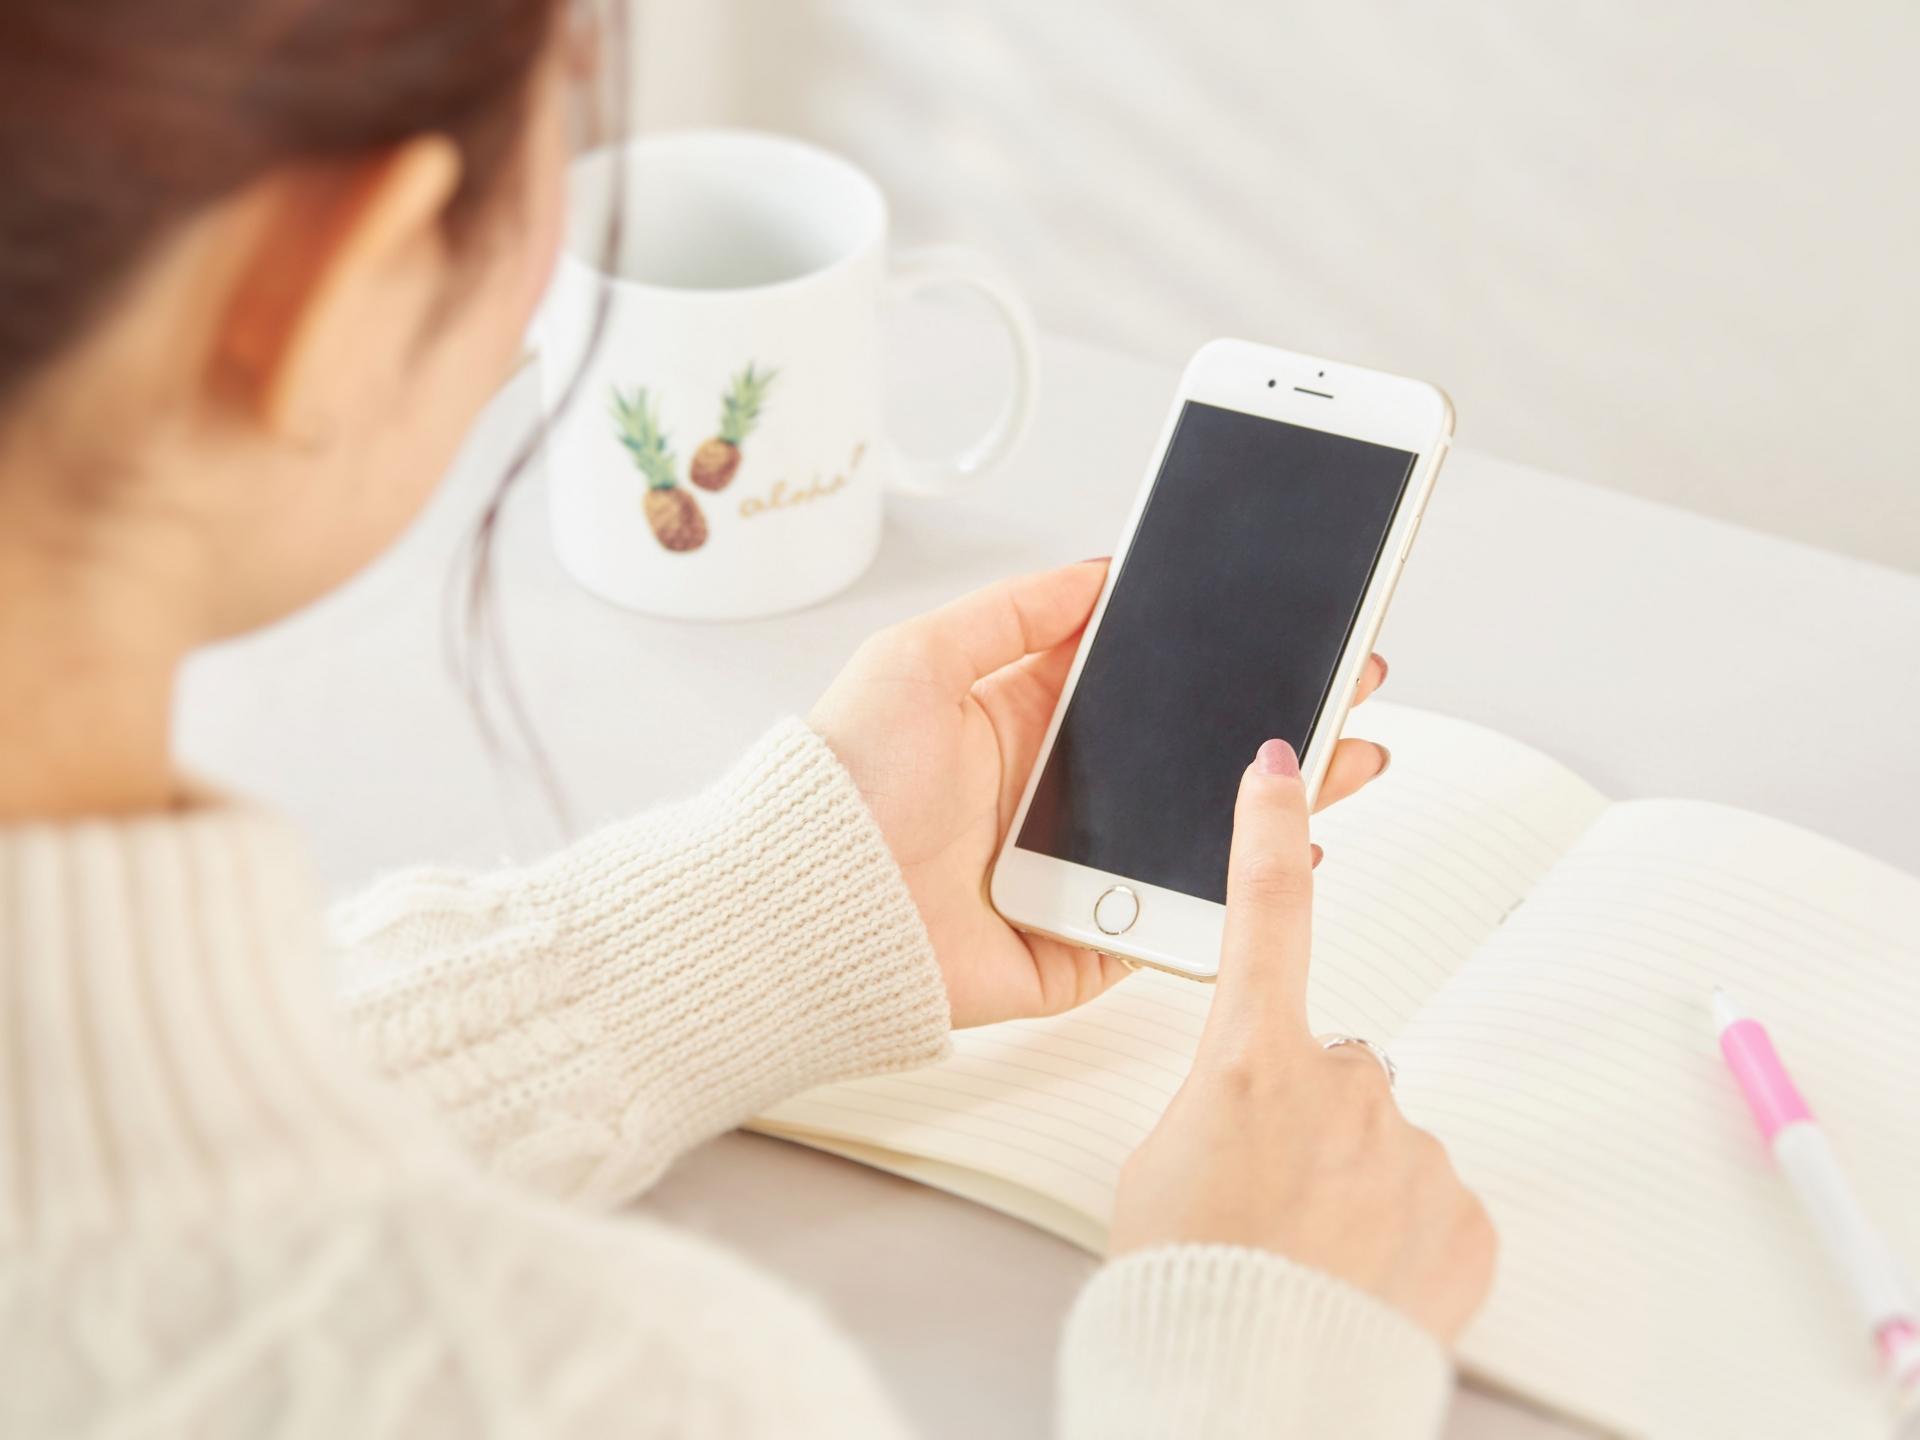 マックのフリーワイファイをアプリで便利に使いこなす女性のイメージ画像